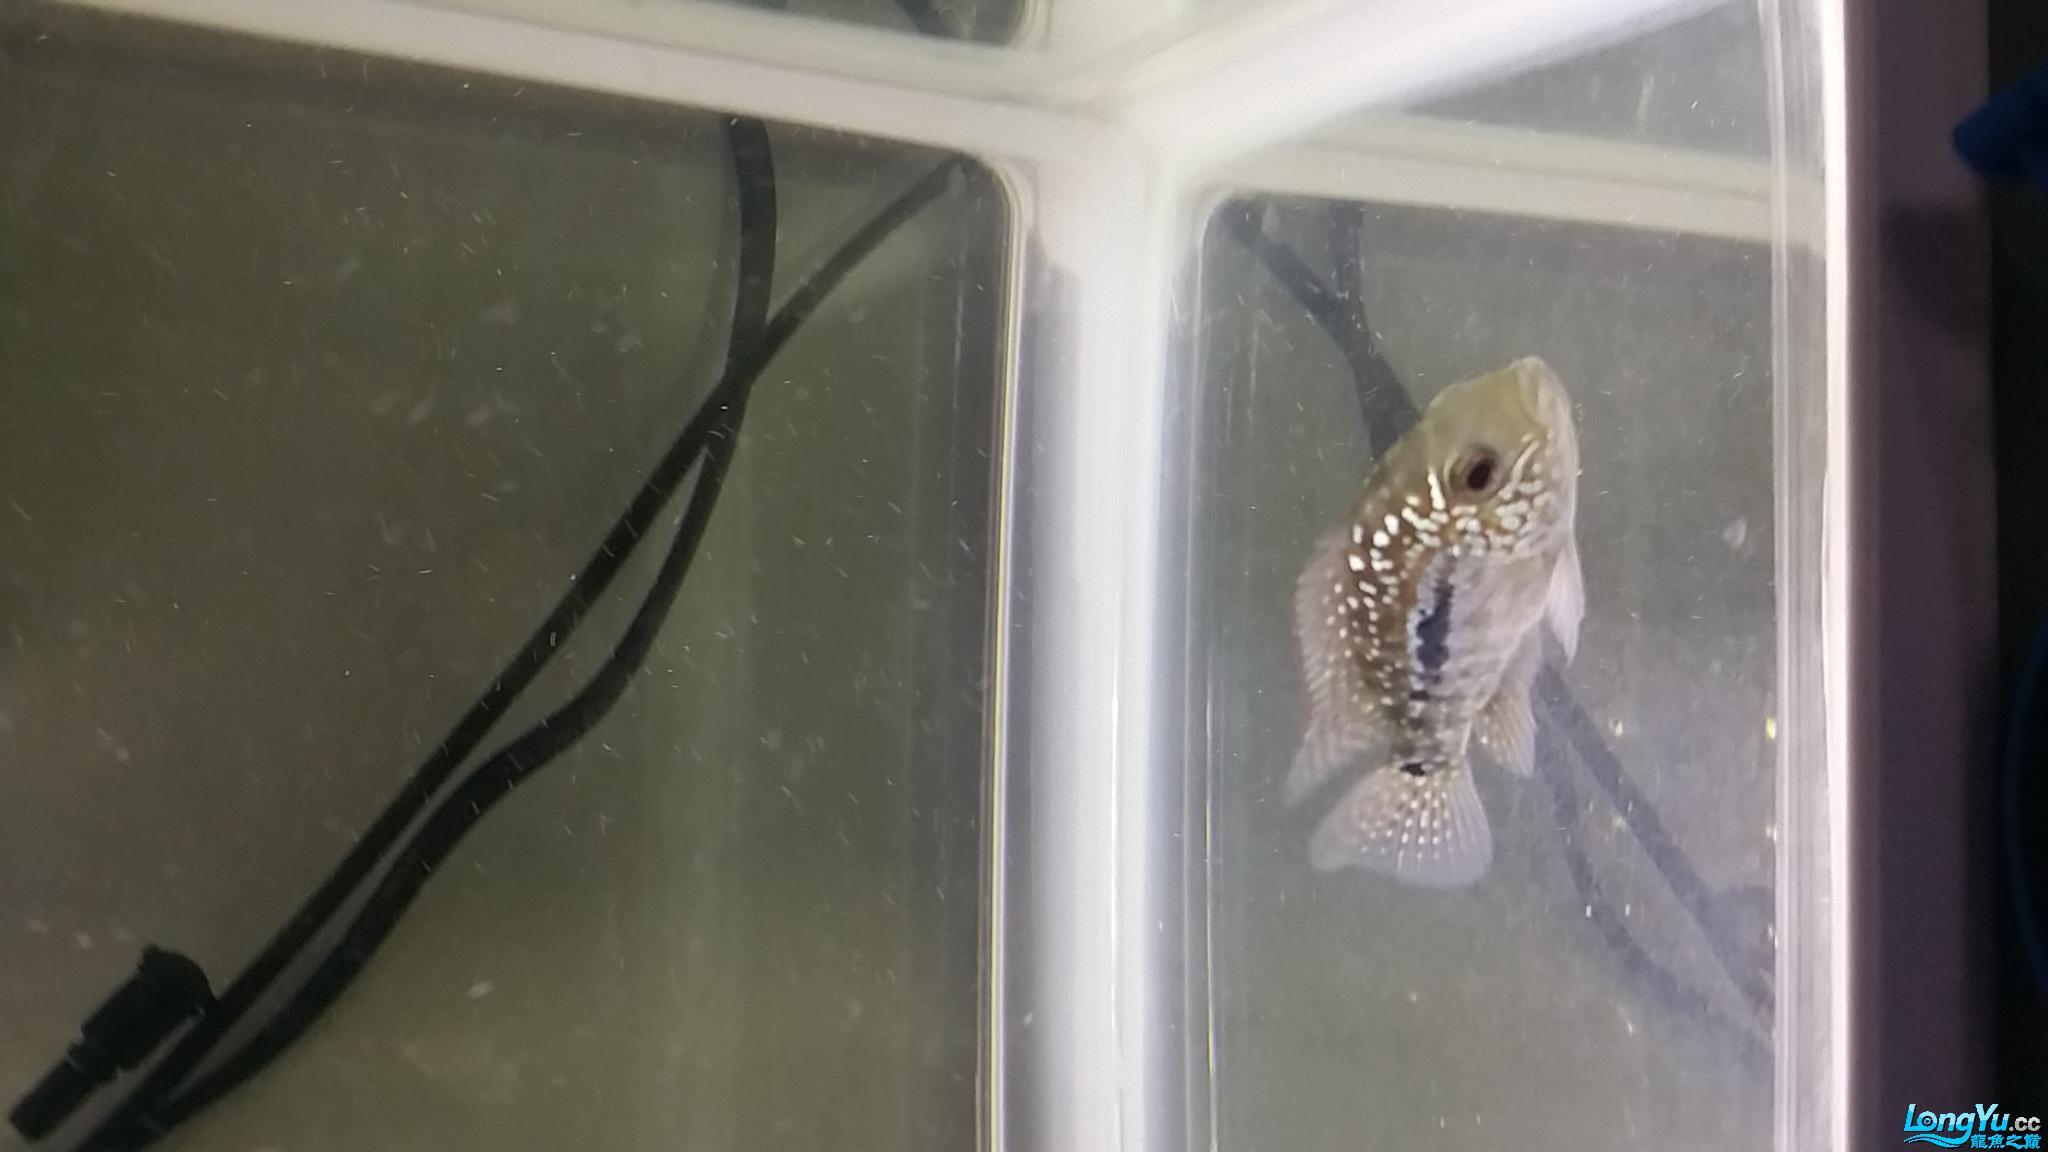 请大神帮忙看看这是什么鱼苗 深圳观赏鱼 深圳龙鱼第1张